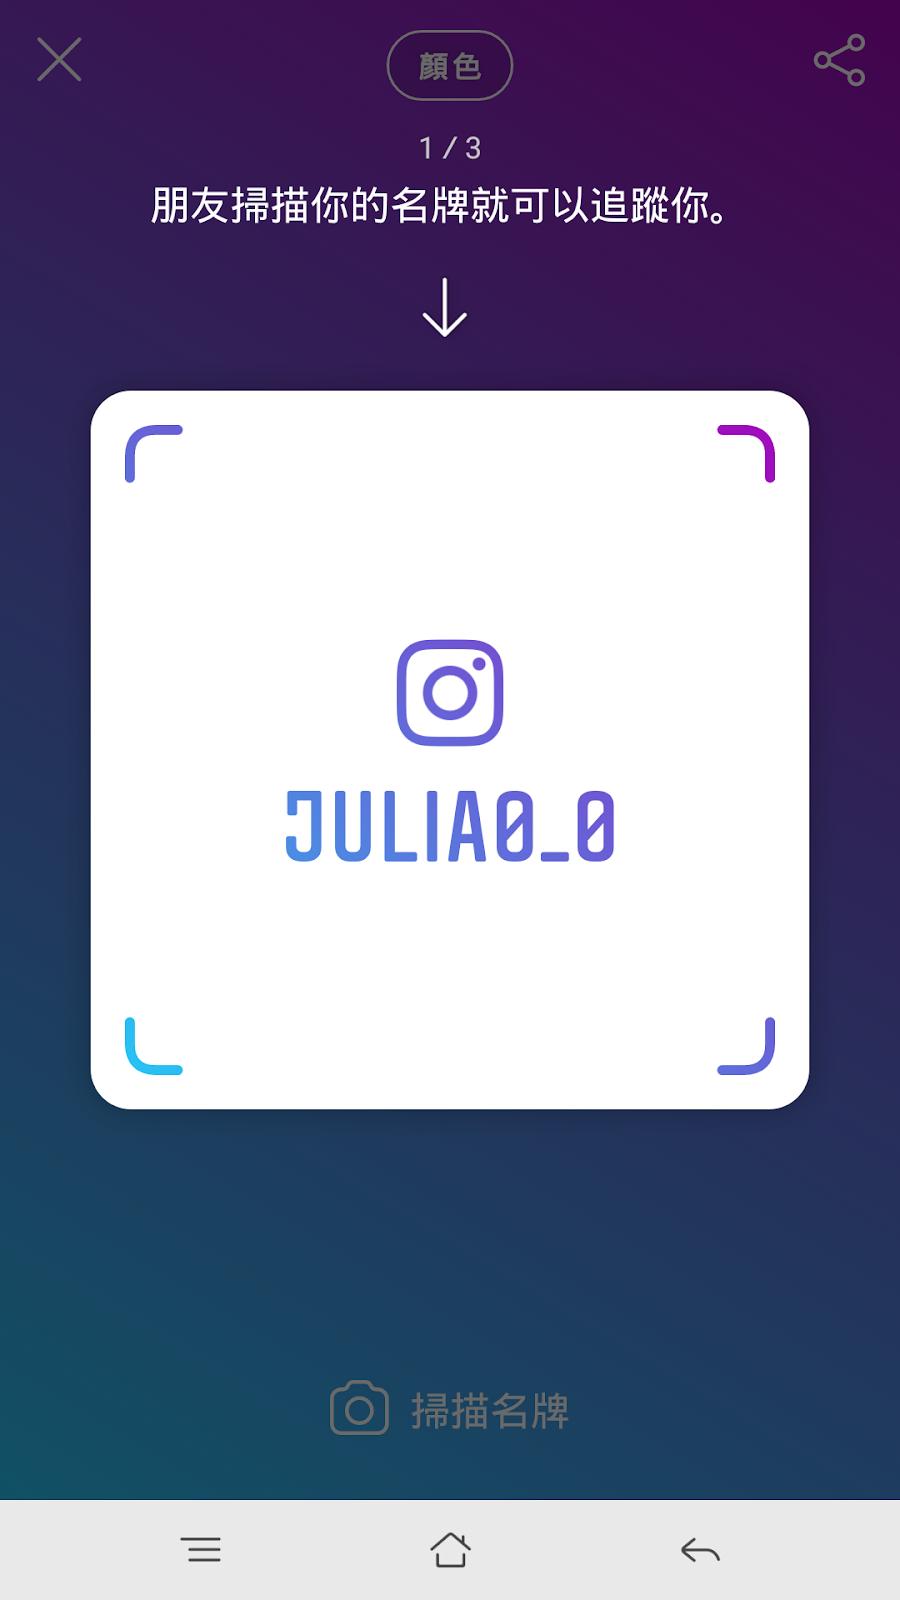 Julia says